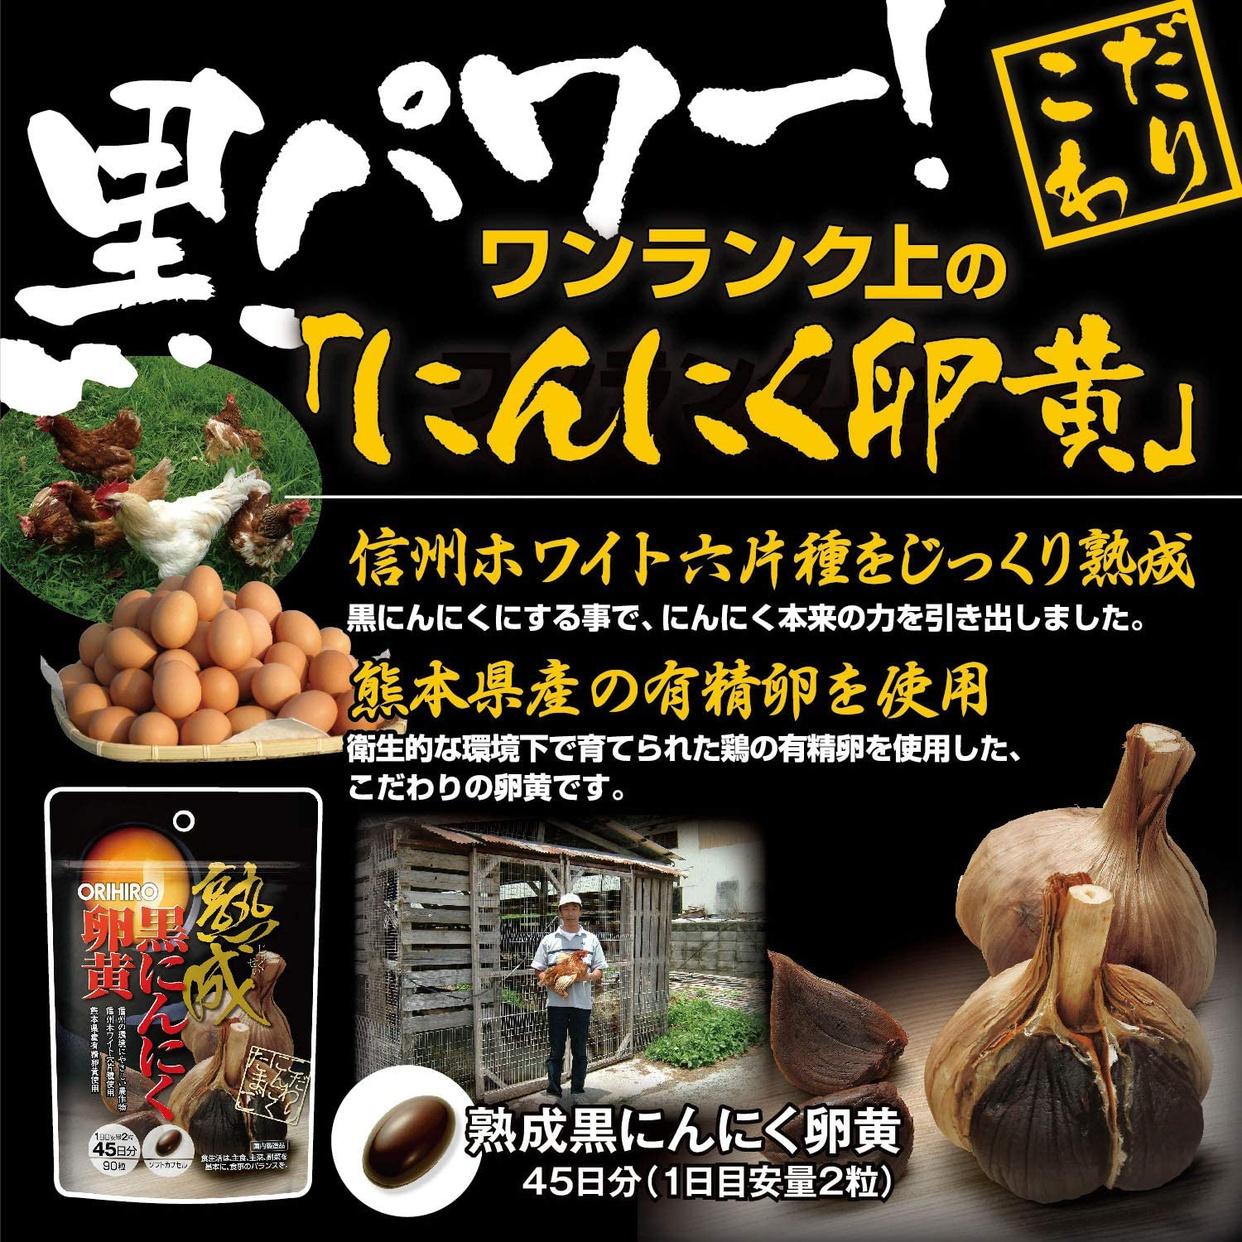 ORIHIRO(オリヒロ) 熟成黒にんにく卵黄カプセルの商品画像3